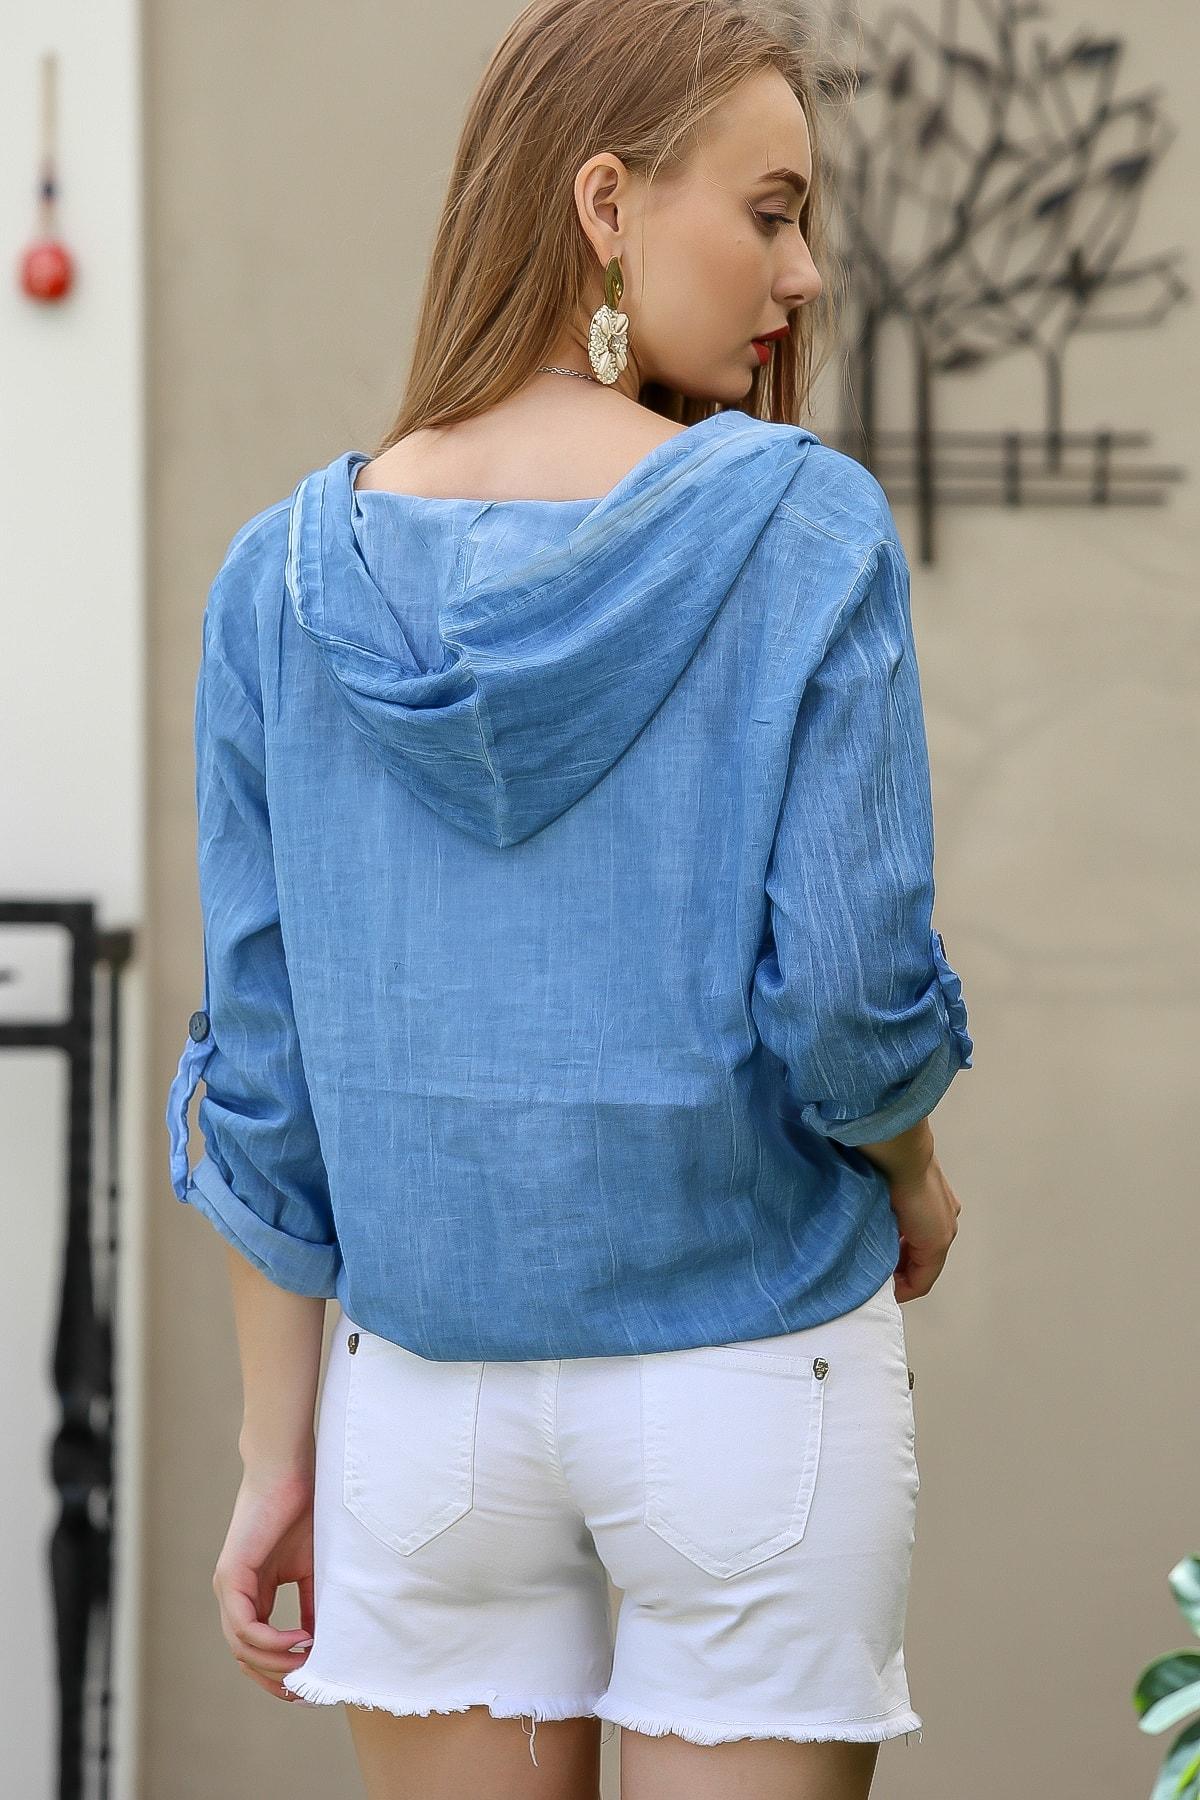 Chiccy Kadın Mavi Casual Kapüşonlu Düğmeli Beli Ip Detaylı Büzgülü Yıkmalı Ceket M10210100Ce99339 4